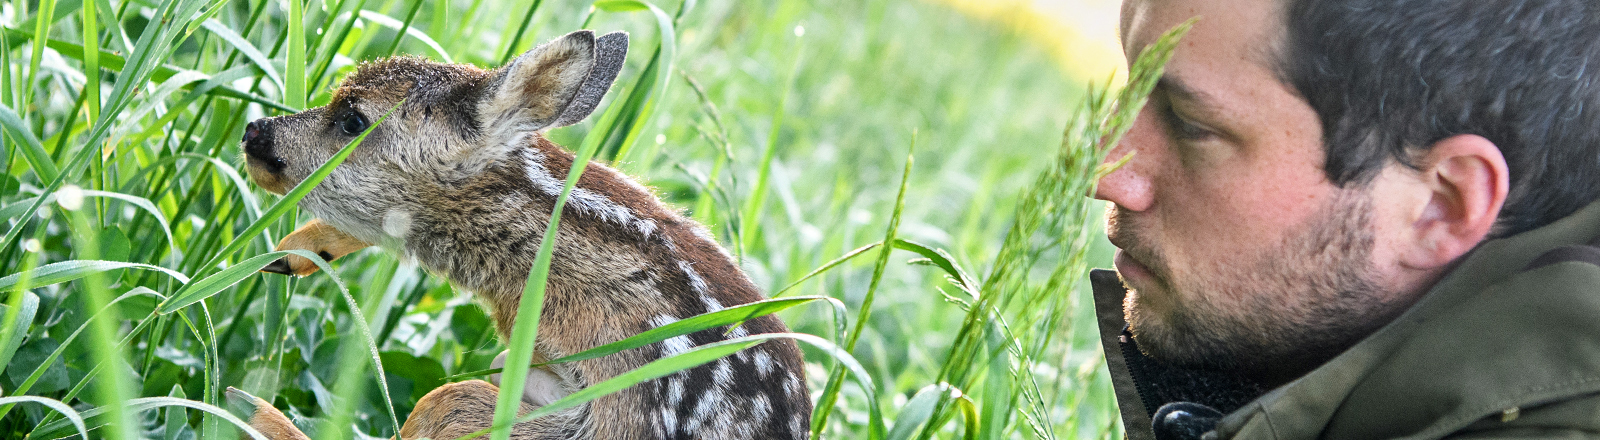 Jäger Rupprecht Walch mit einem Rehkitz im hohen Gras.